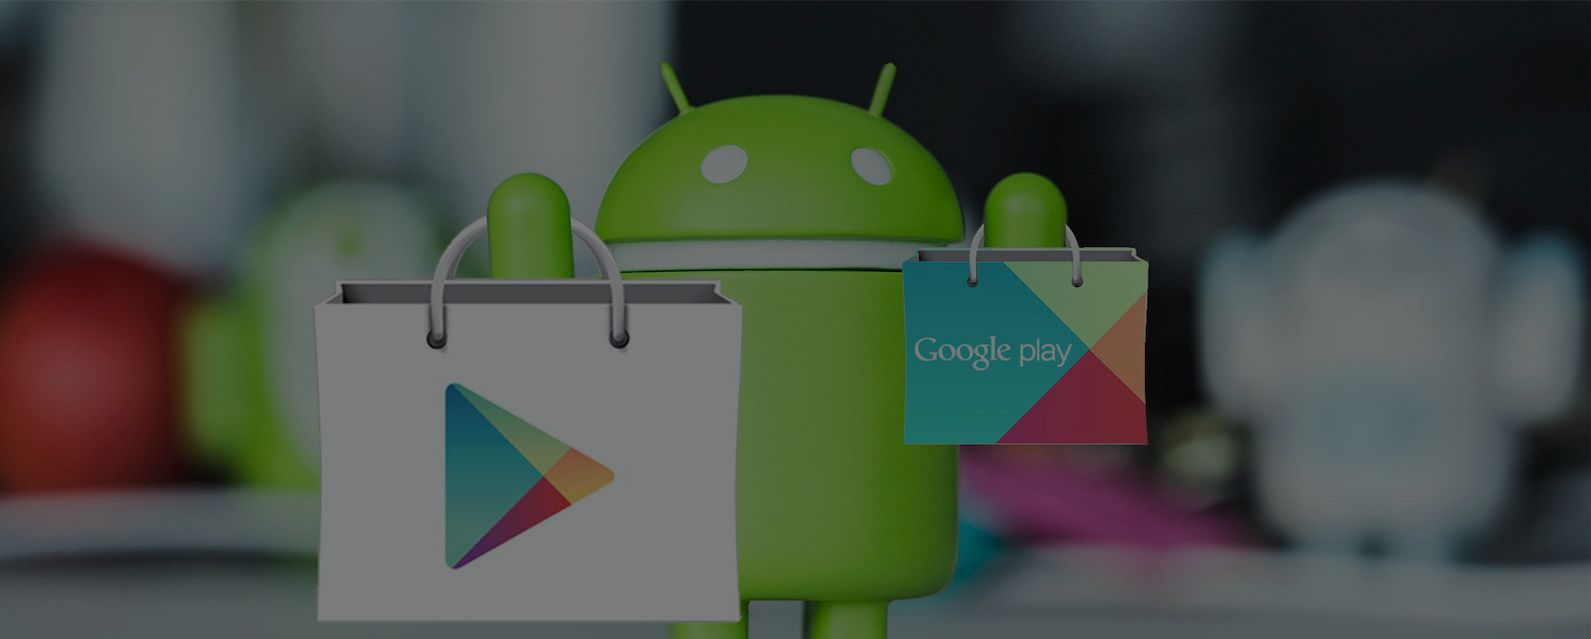 Google Play приложения смартфон